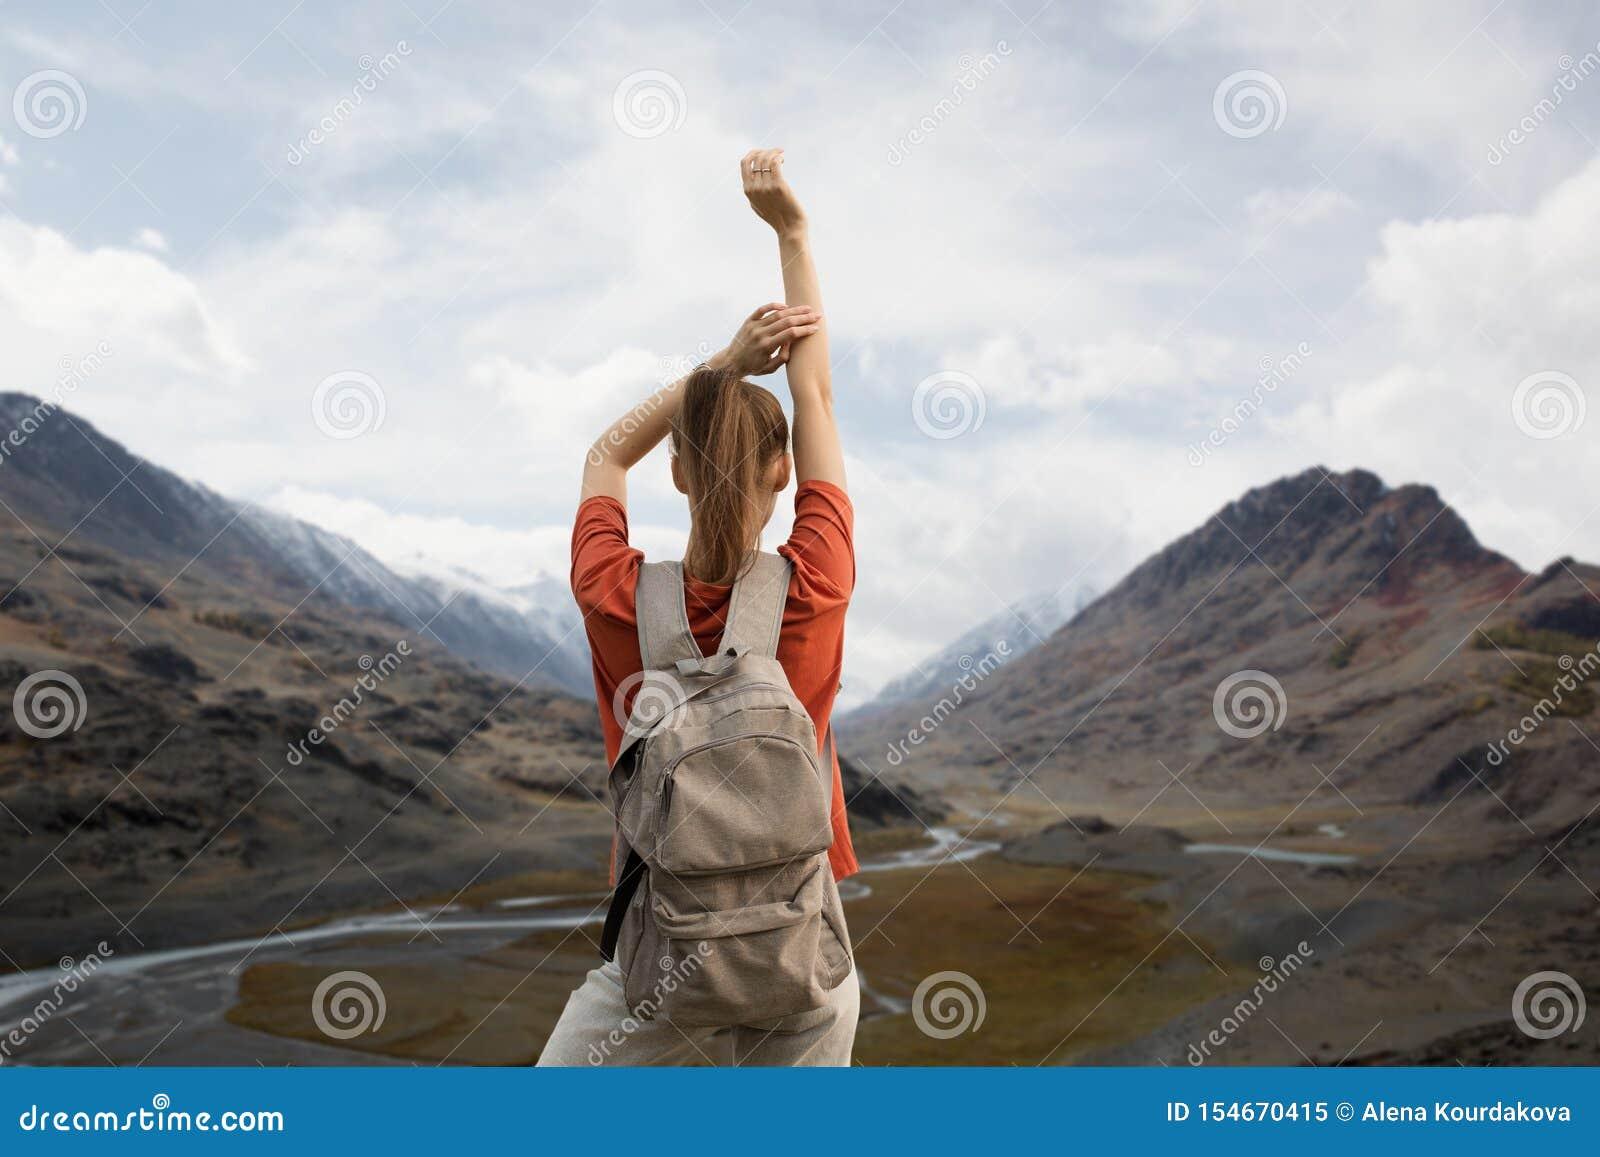 Voyageuse de femme avec un sac à dos, retardant ses mains, supports sur le dessus de la montagne La beauté de la nature, montagne